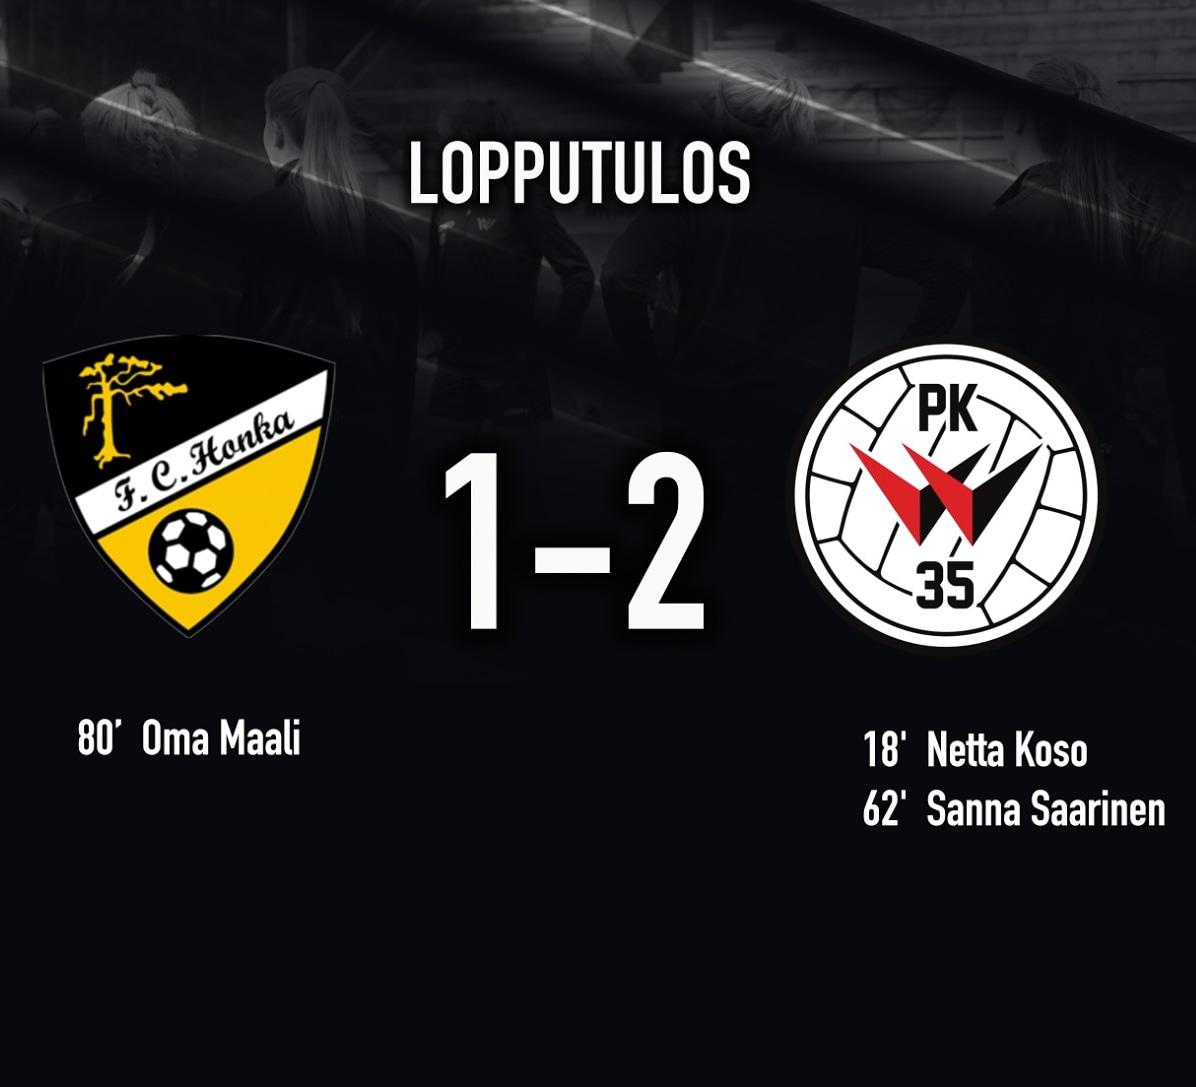 FC Honka – PK 35 Vantaa 1 2, Kansallinen Liiga 20.8.2021